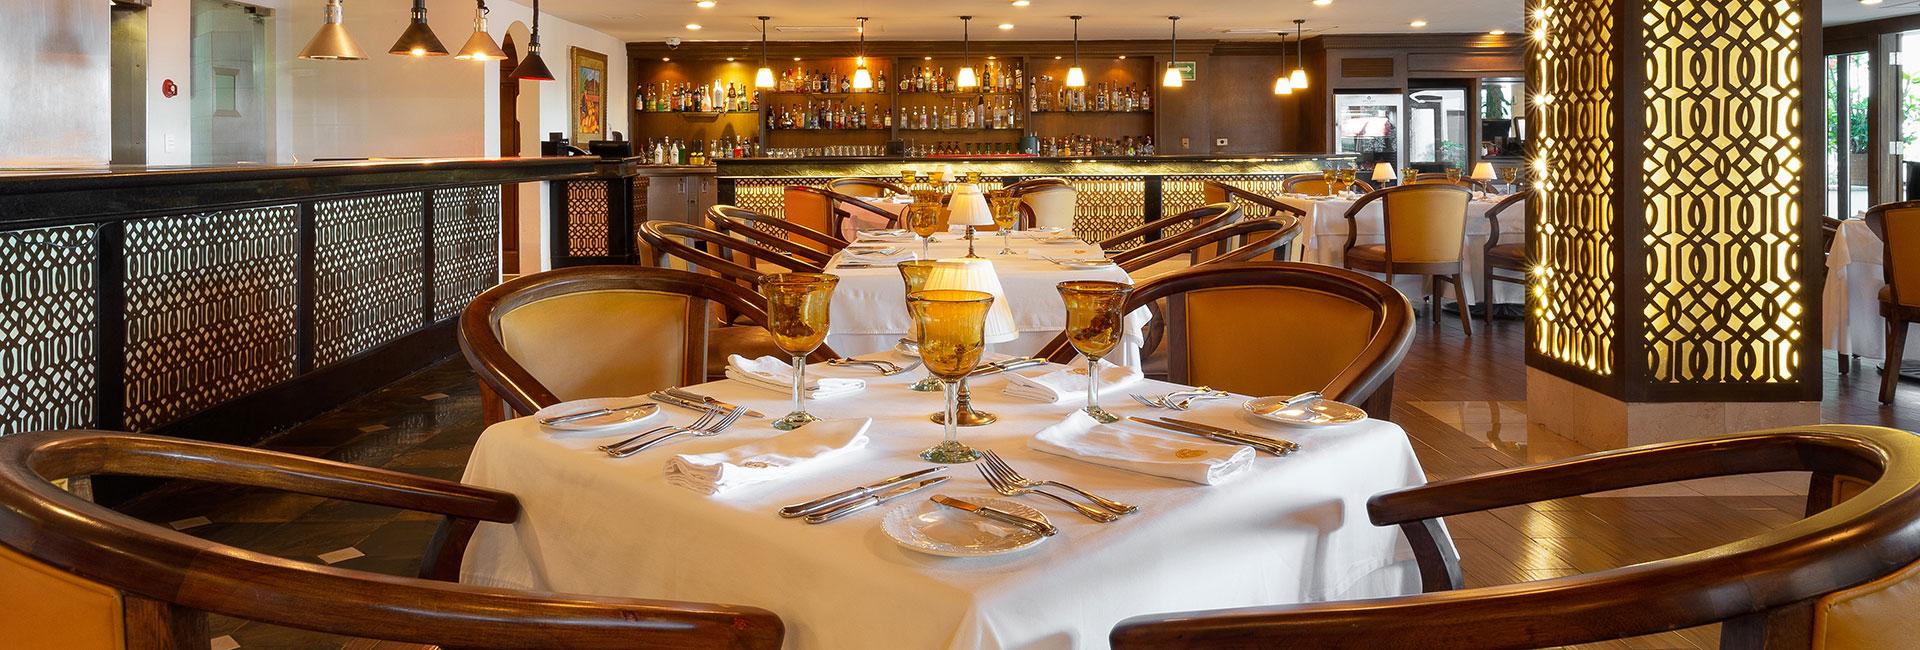 Restaurant la casona in villa la estancia cabo san lucas